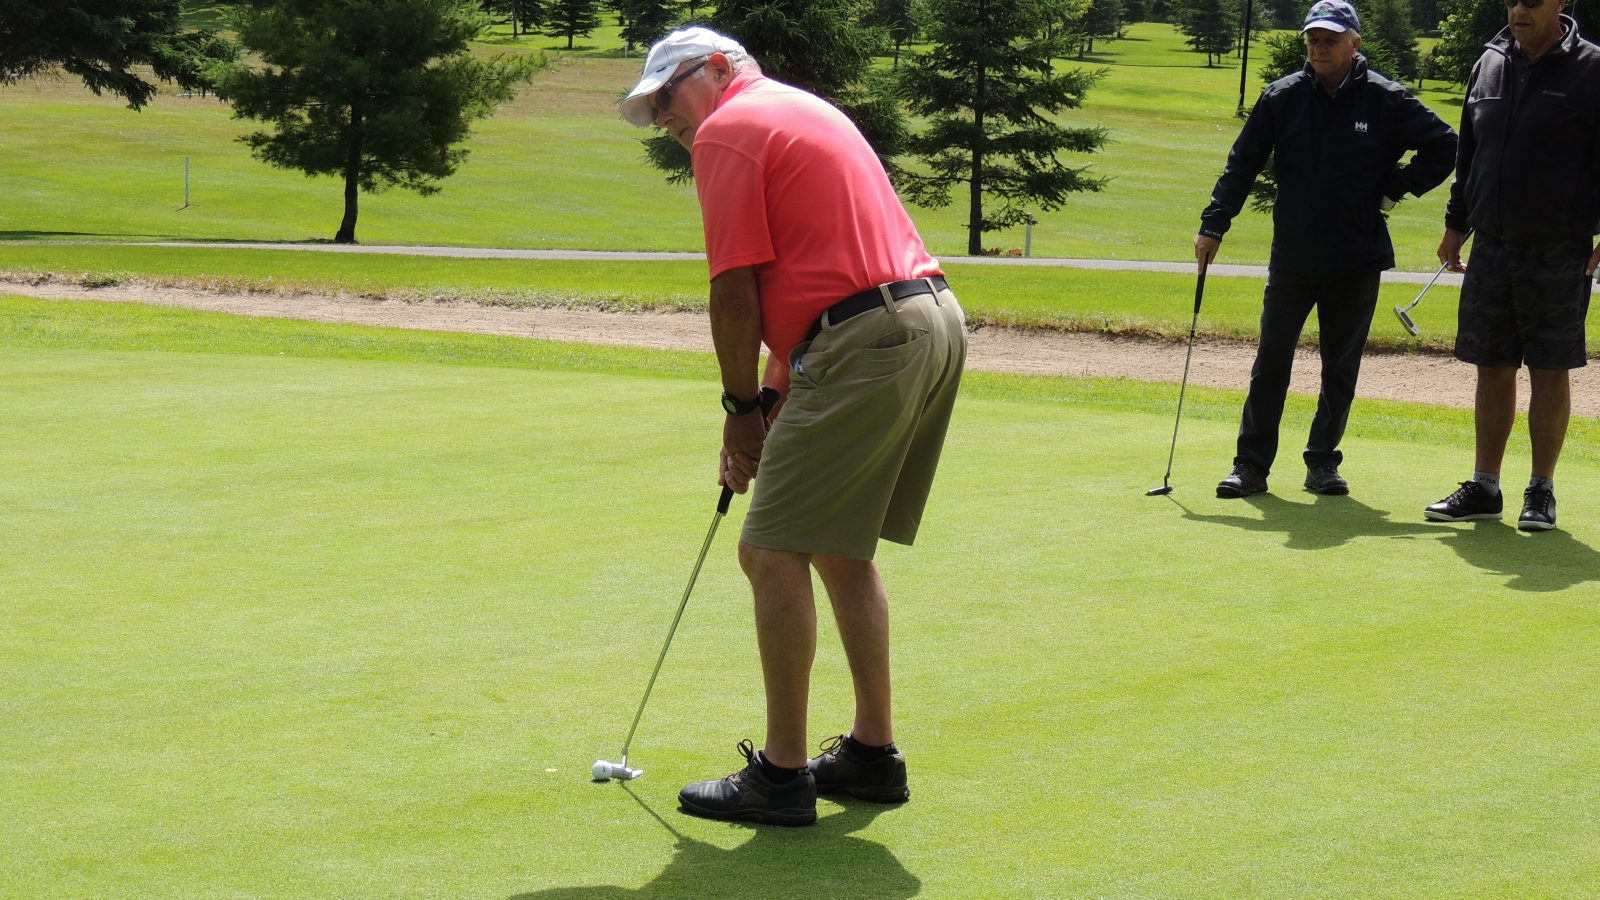 Le Club de golf Dolbeau courtise la jeunesse